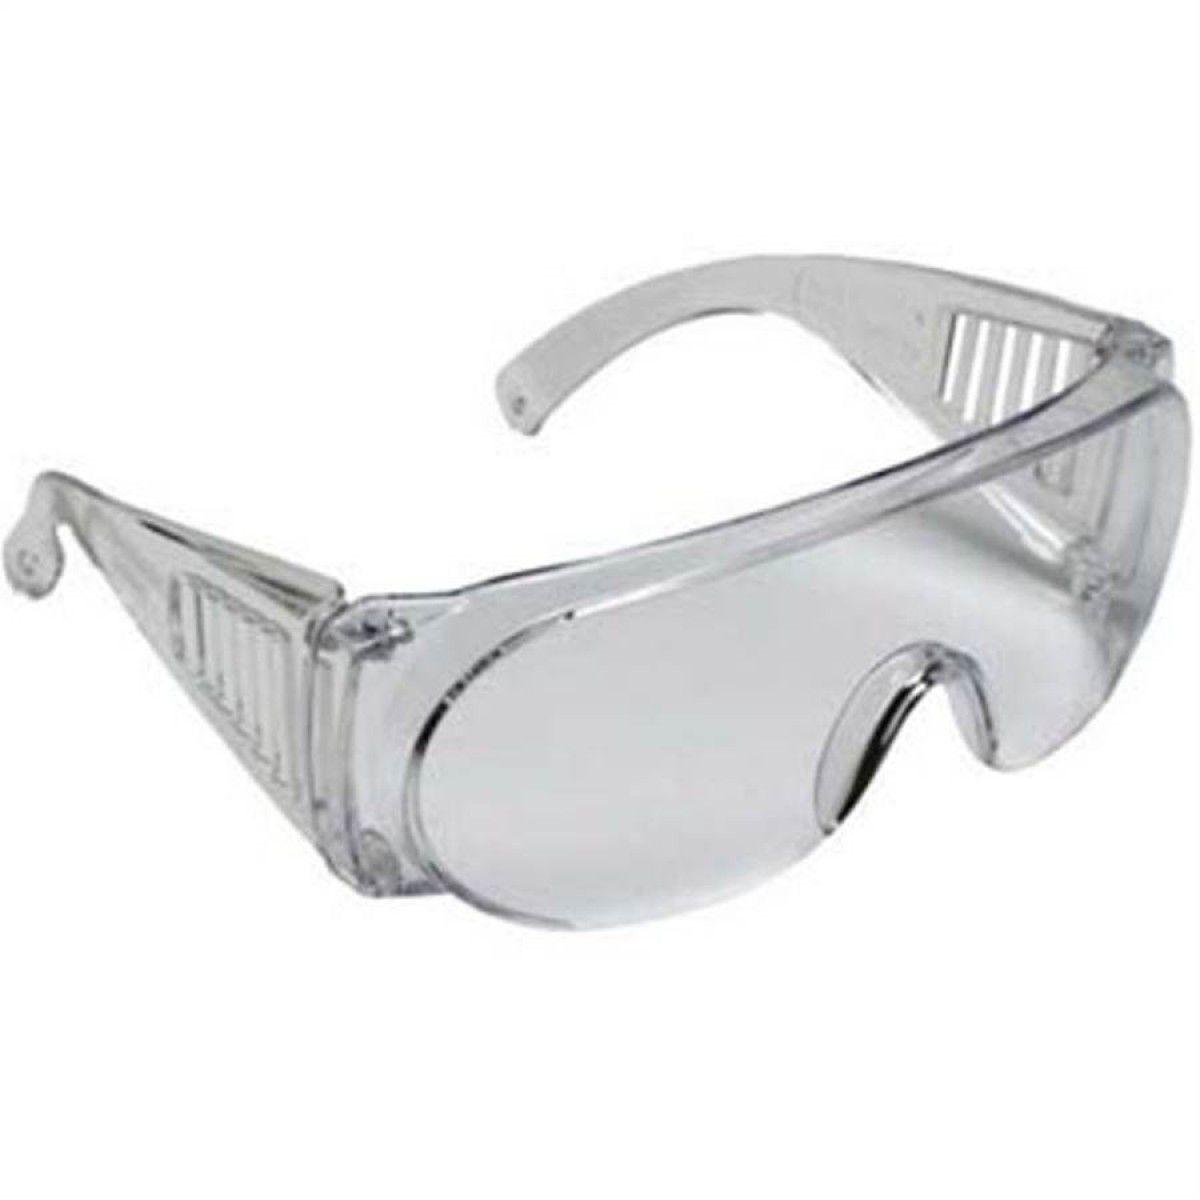 Óculos de Segurança De Sobreposição Panda Lente Incolor Kalipso CA 10344 2398c6c912